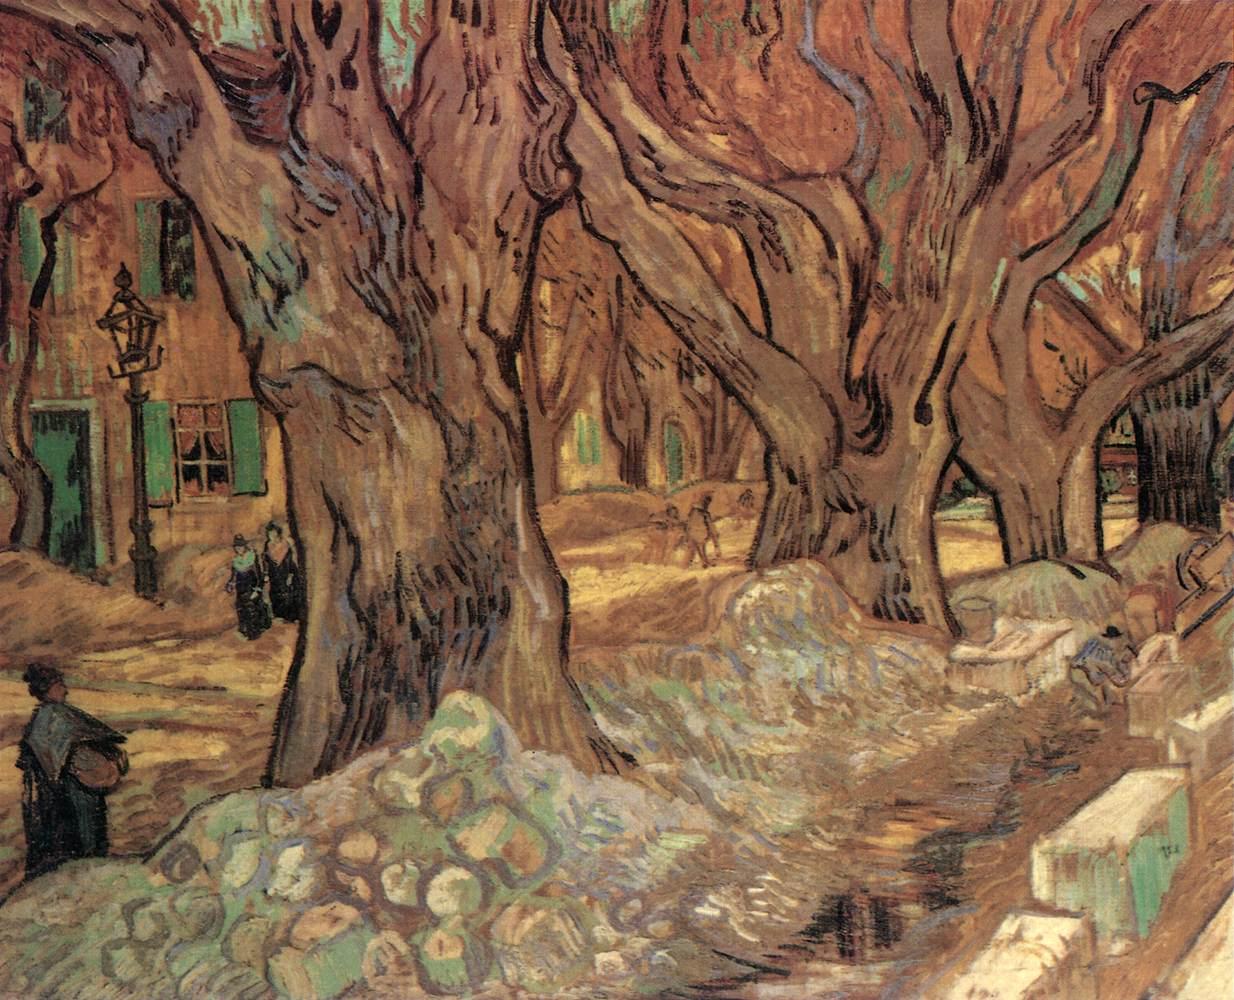 Vincent Van Gogh - THE ATTACKS CONTINUE